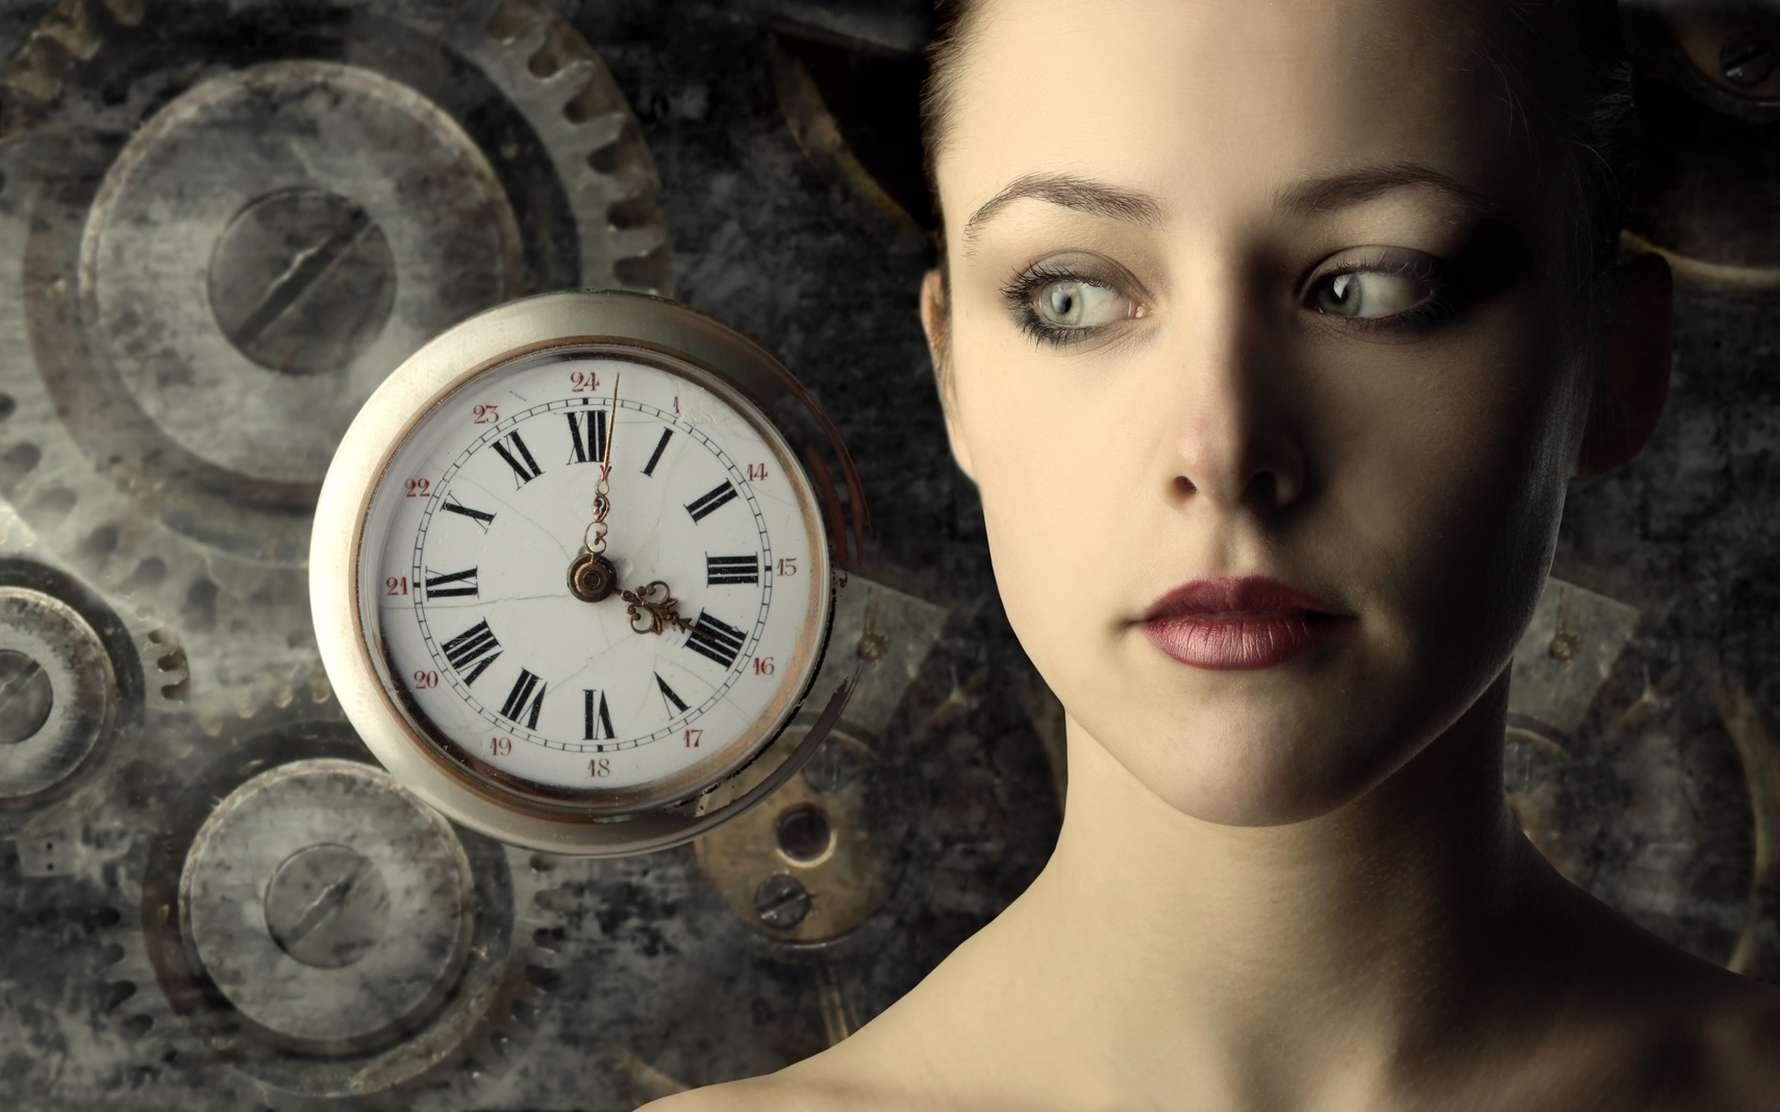 Les noyaux suprachiasmatiques sont le siège de l'horloge biologique humaine, permettant l'alternance veille-sommeil. © olly, Fotolia